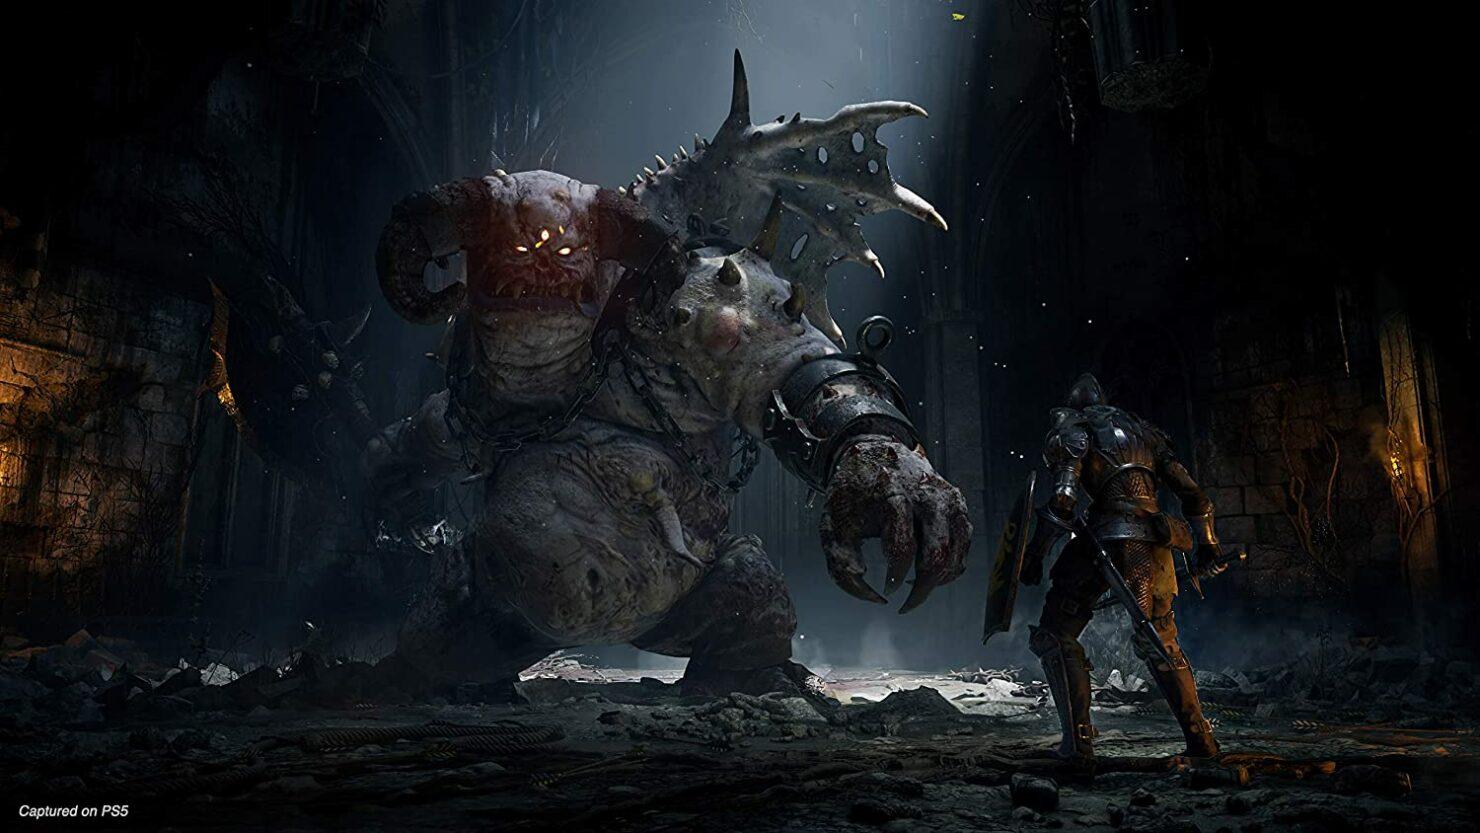 На Amazon появились скриншоты и бокс-арт Demon's Souls, а также бокс-арты некоторых других игр для PlayStation 5